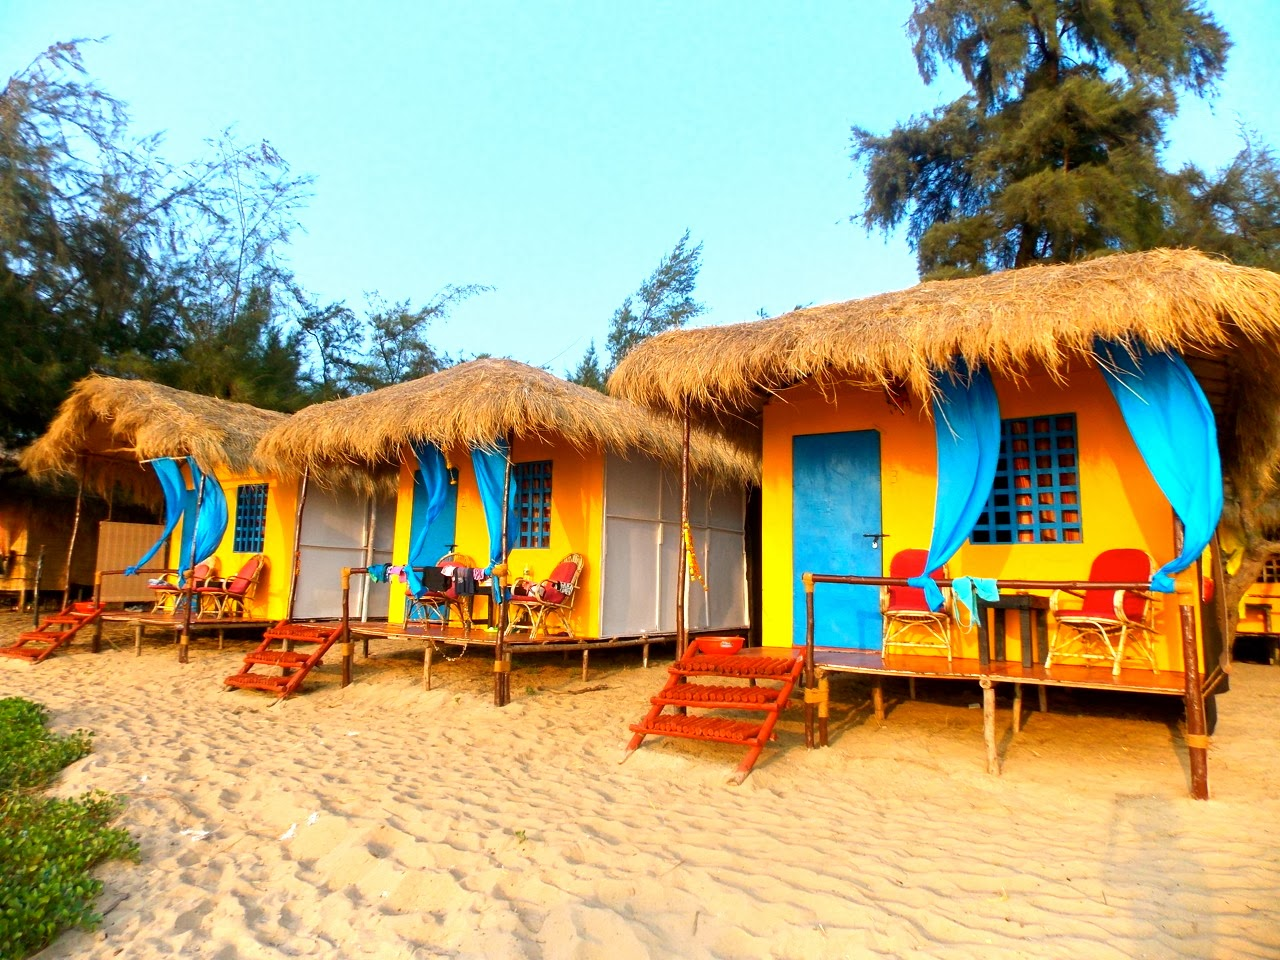 Goa Beach Huts Jpg